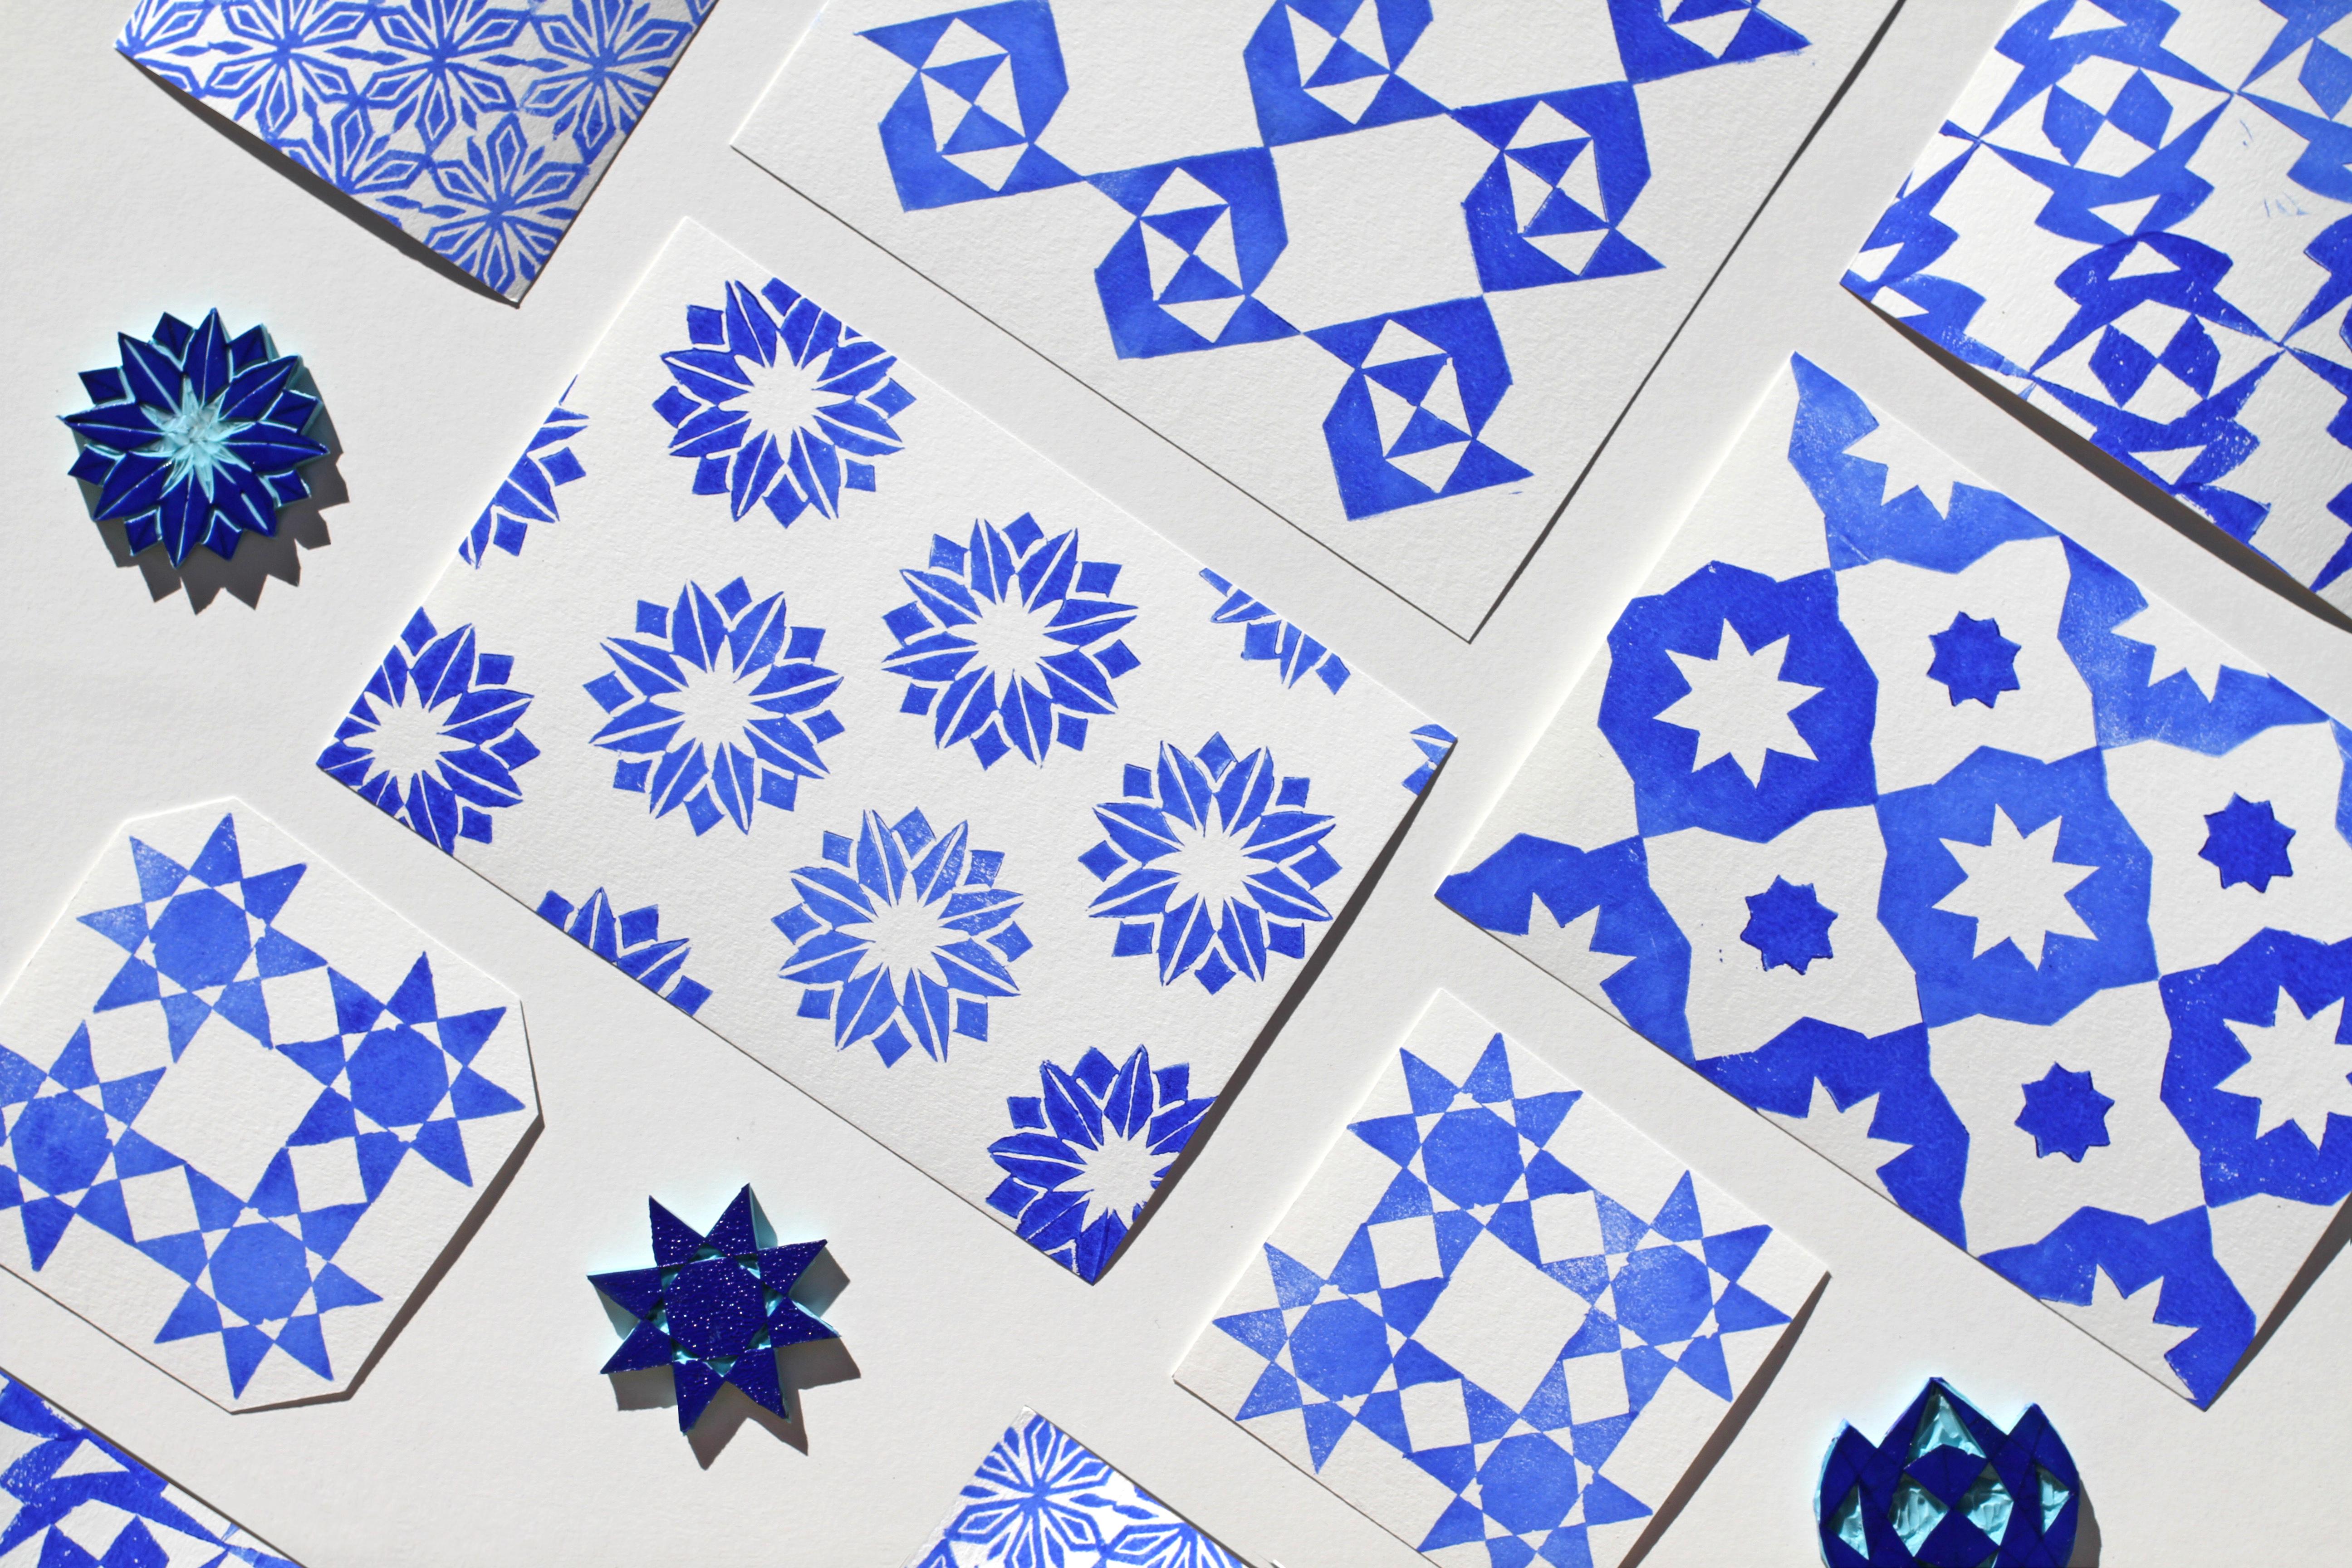 groupement de fiches et de tampons bleus